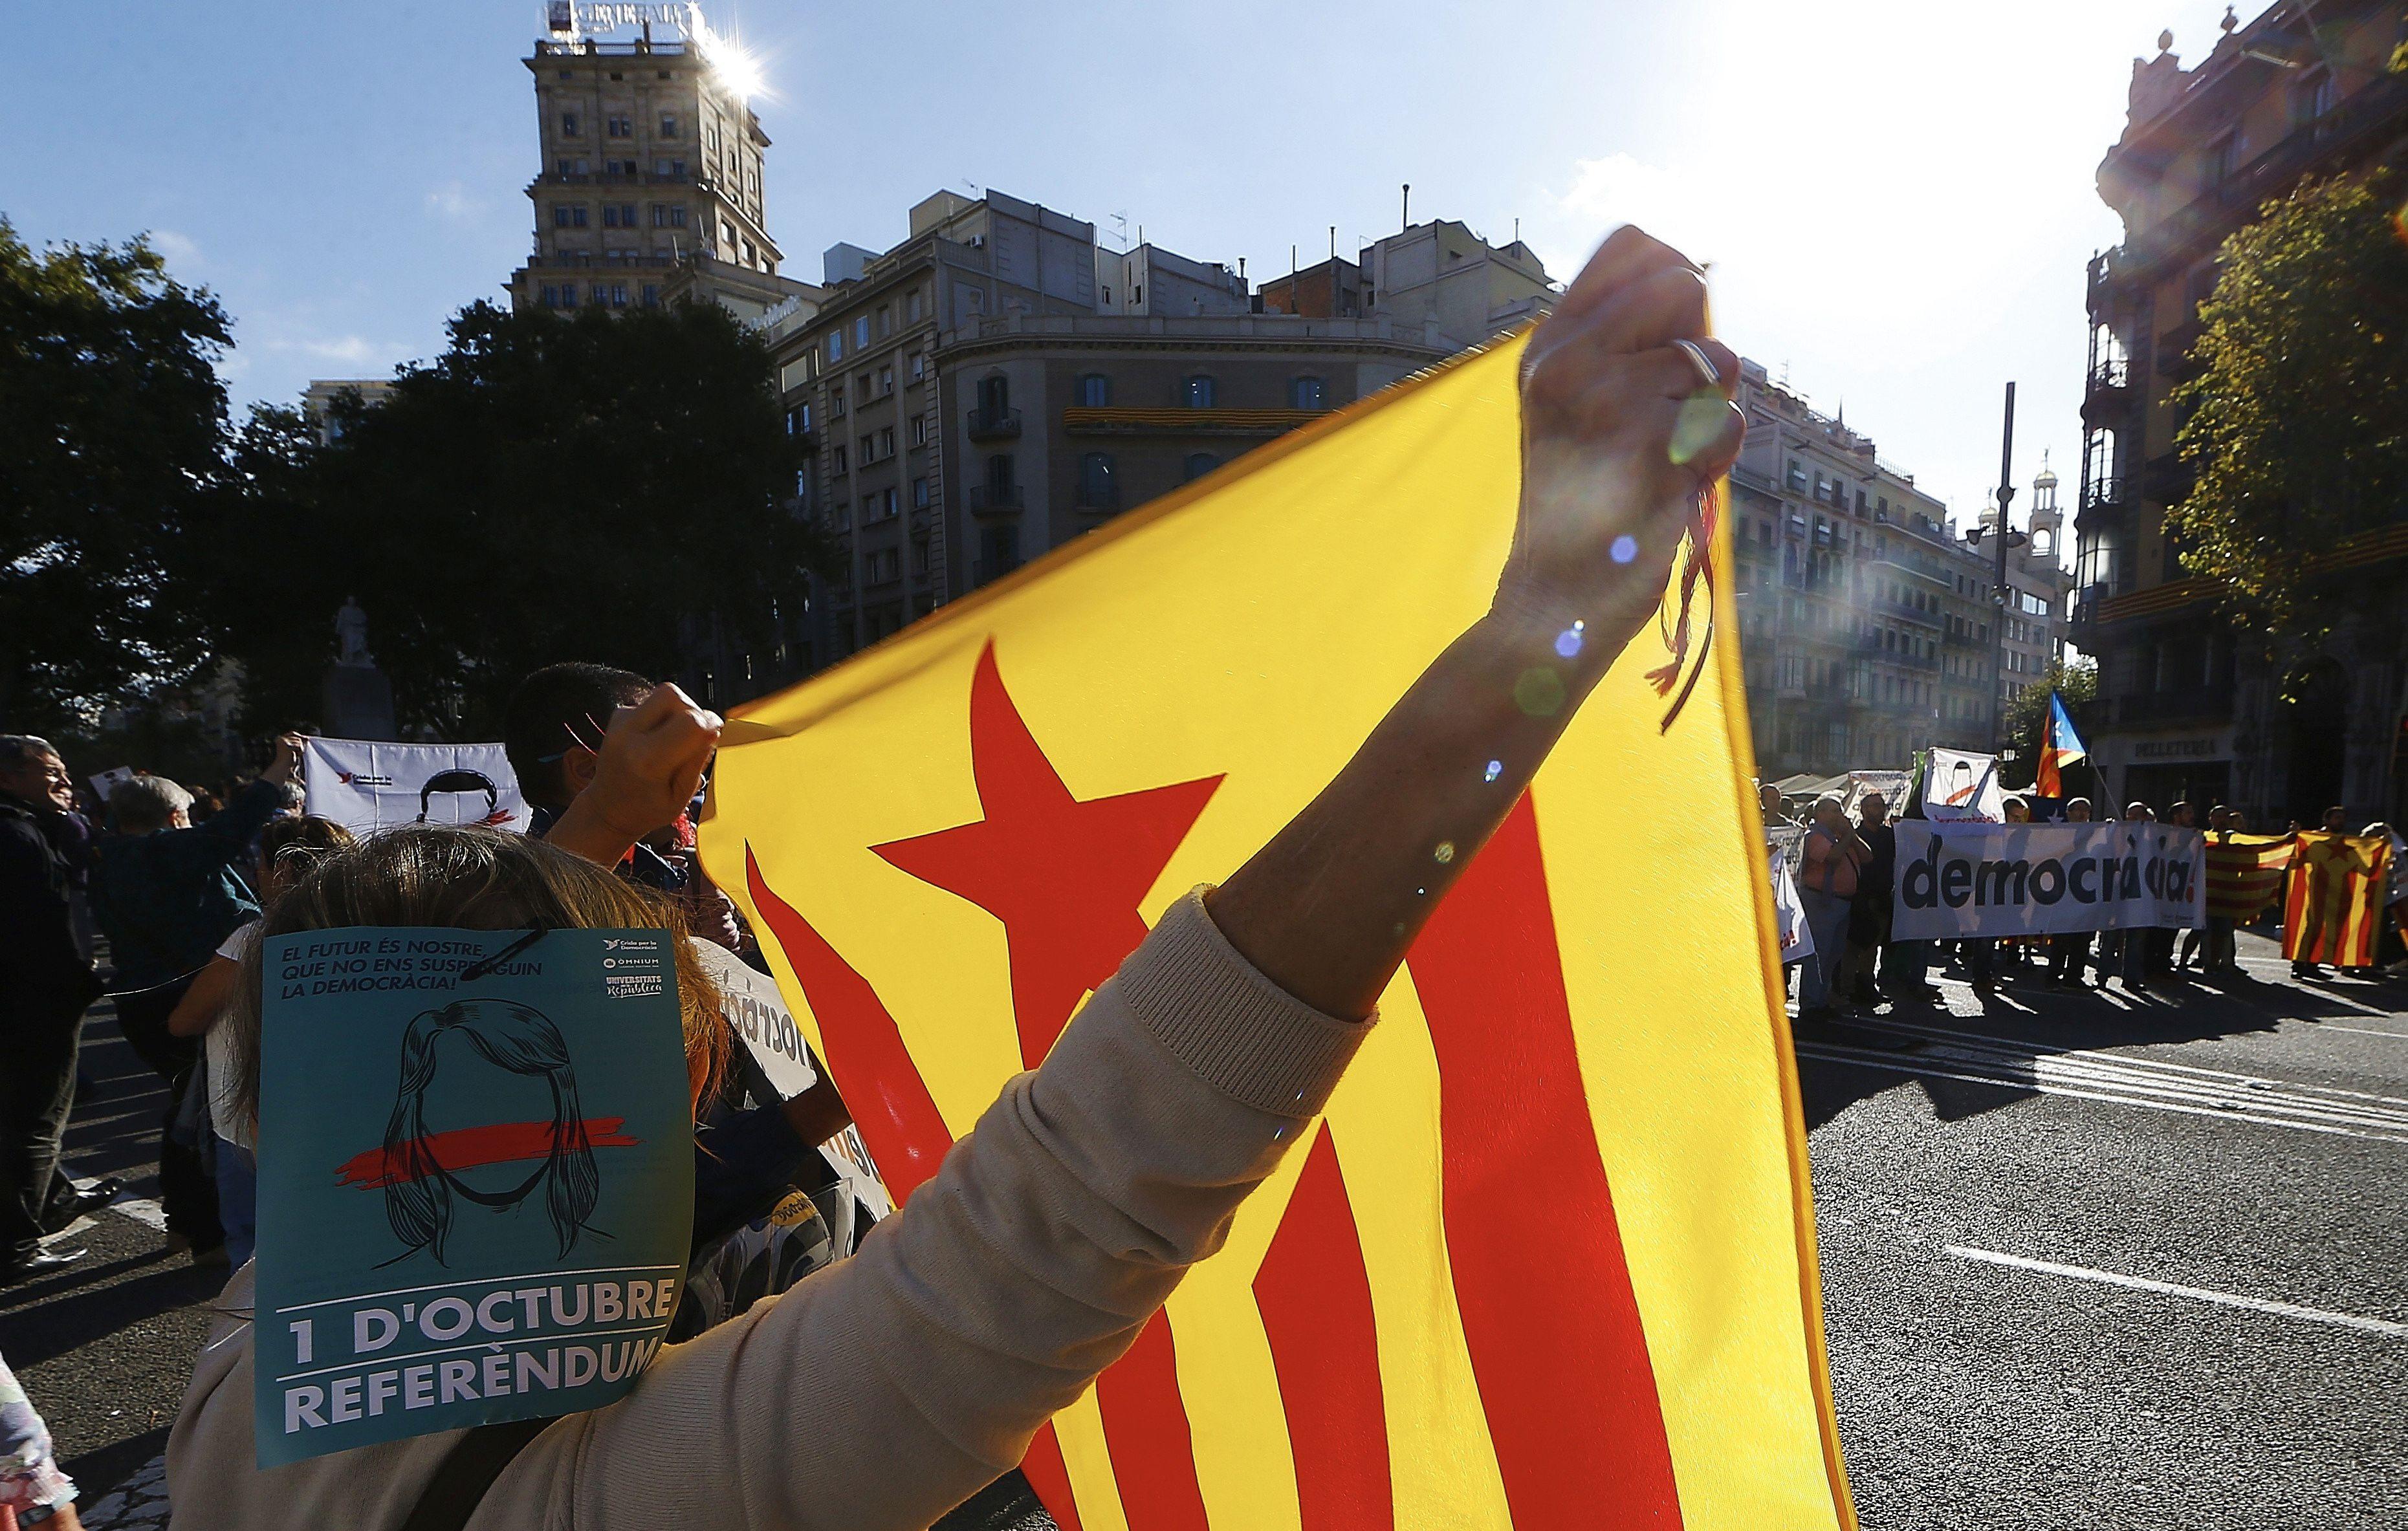 ŠPANJOLSKA VLADA KATALONIJI 'Da za dijalog, ali ne referendumu'